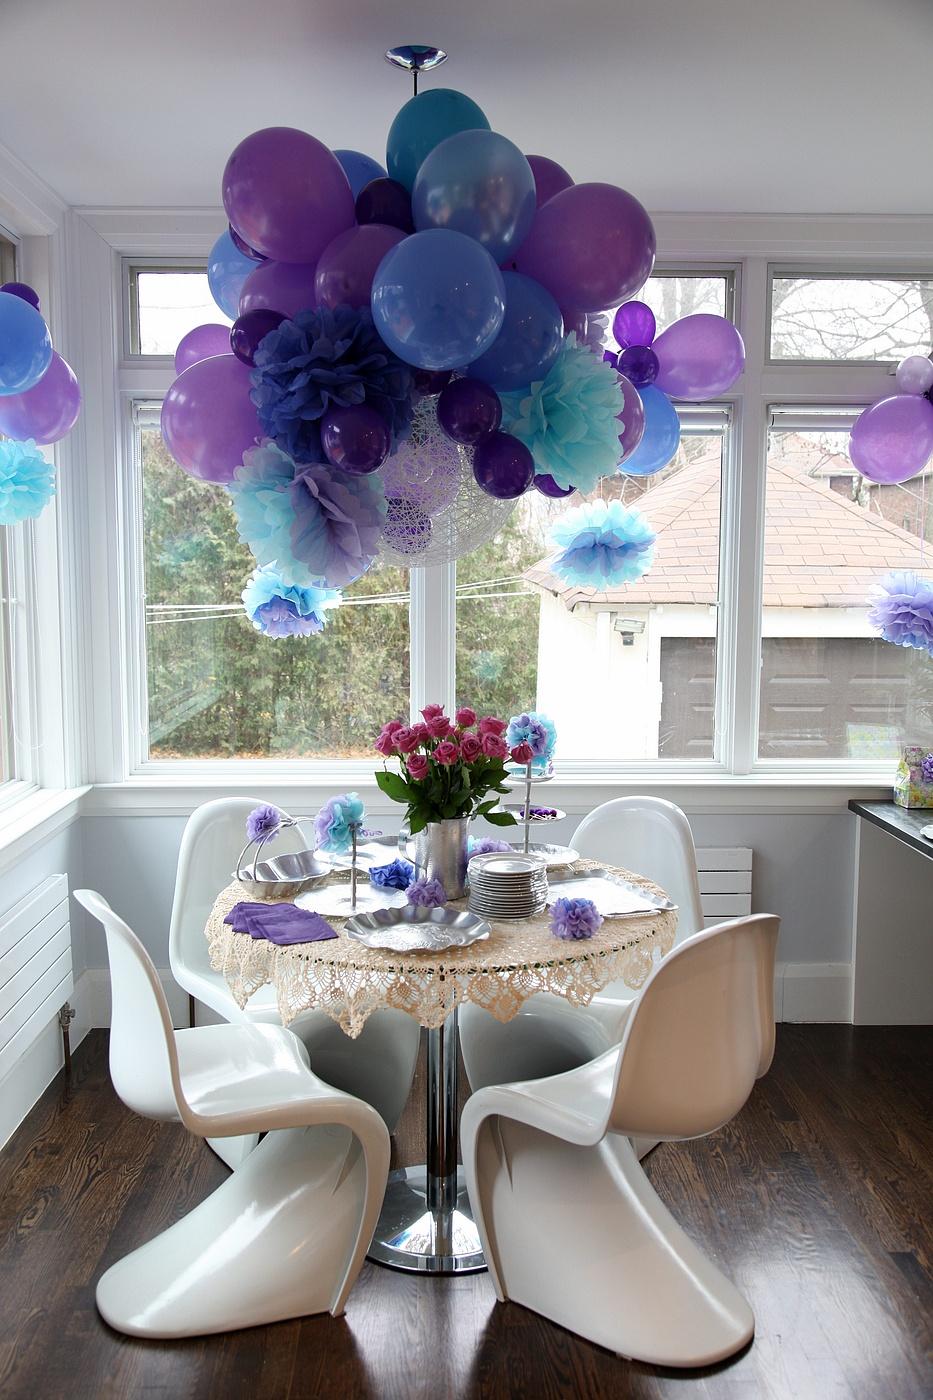 Оформление комнаты на день рождения своими руками фото